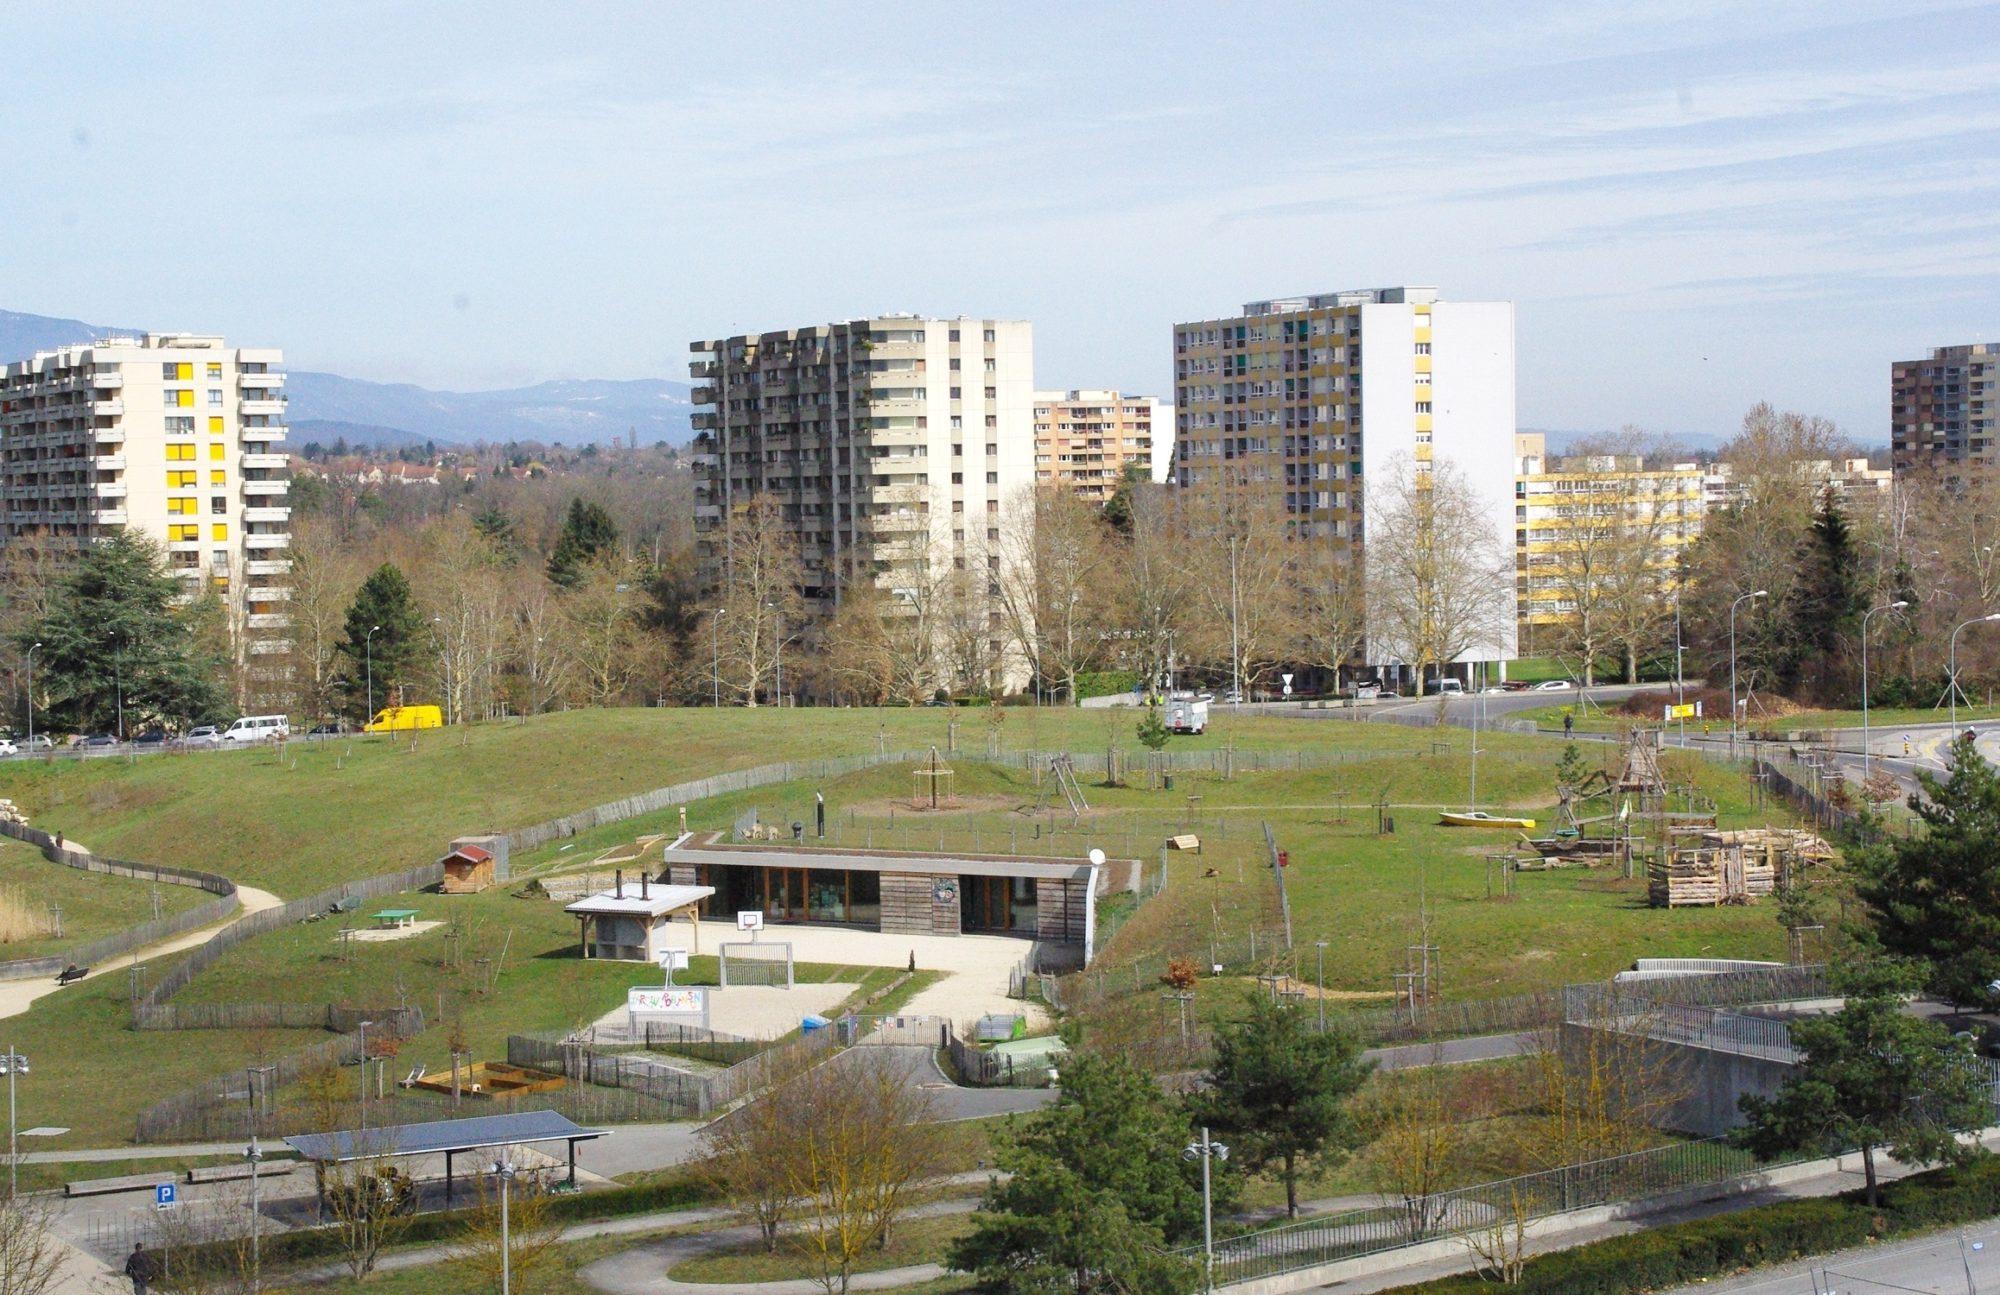 Jardin Robinson Meyrin